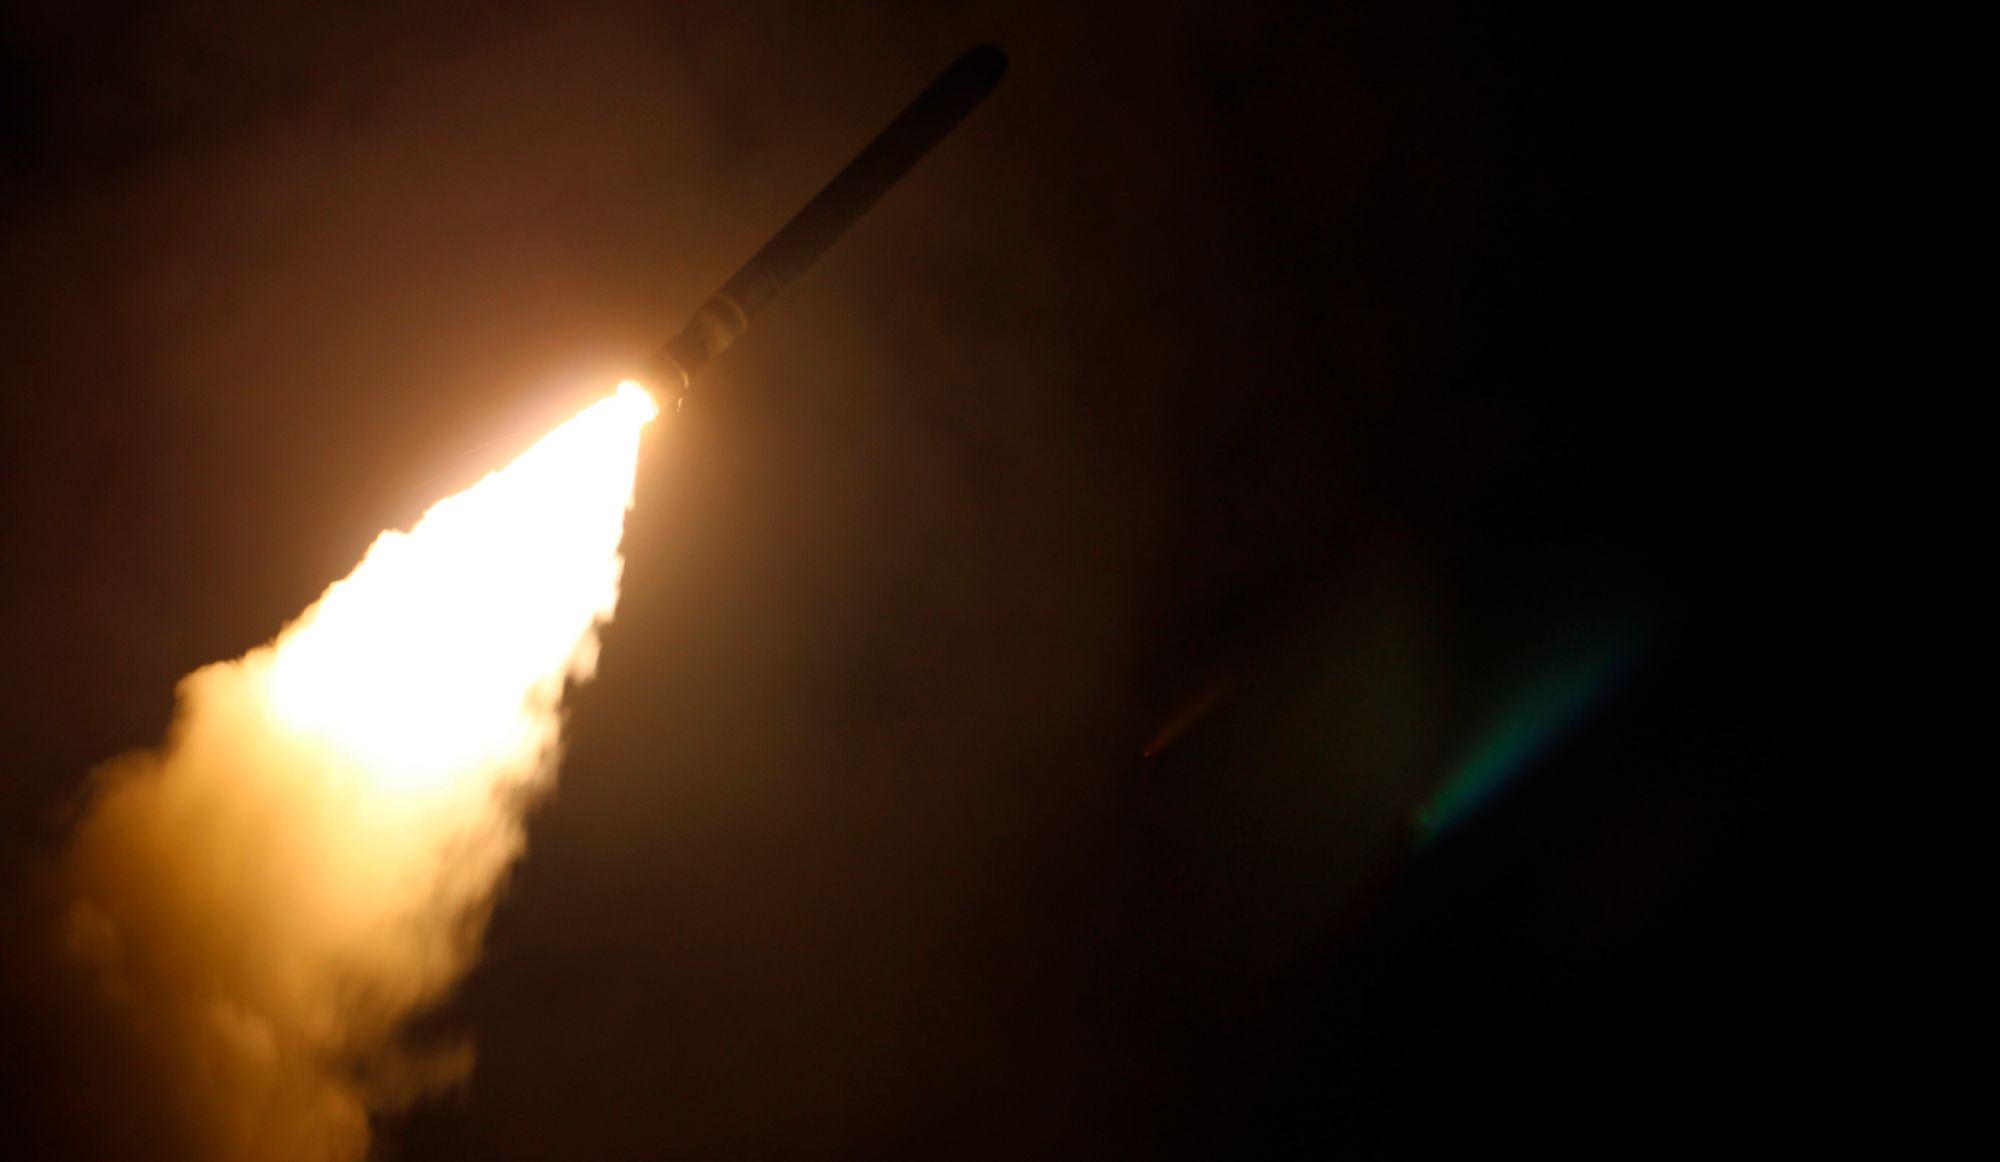 Frappes en Syrie: toutes les cibles ont été atteintes, dit le Pentagone